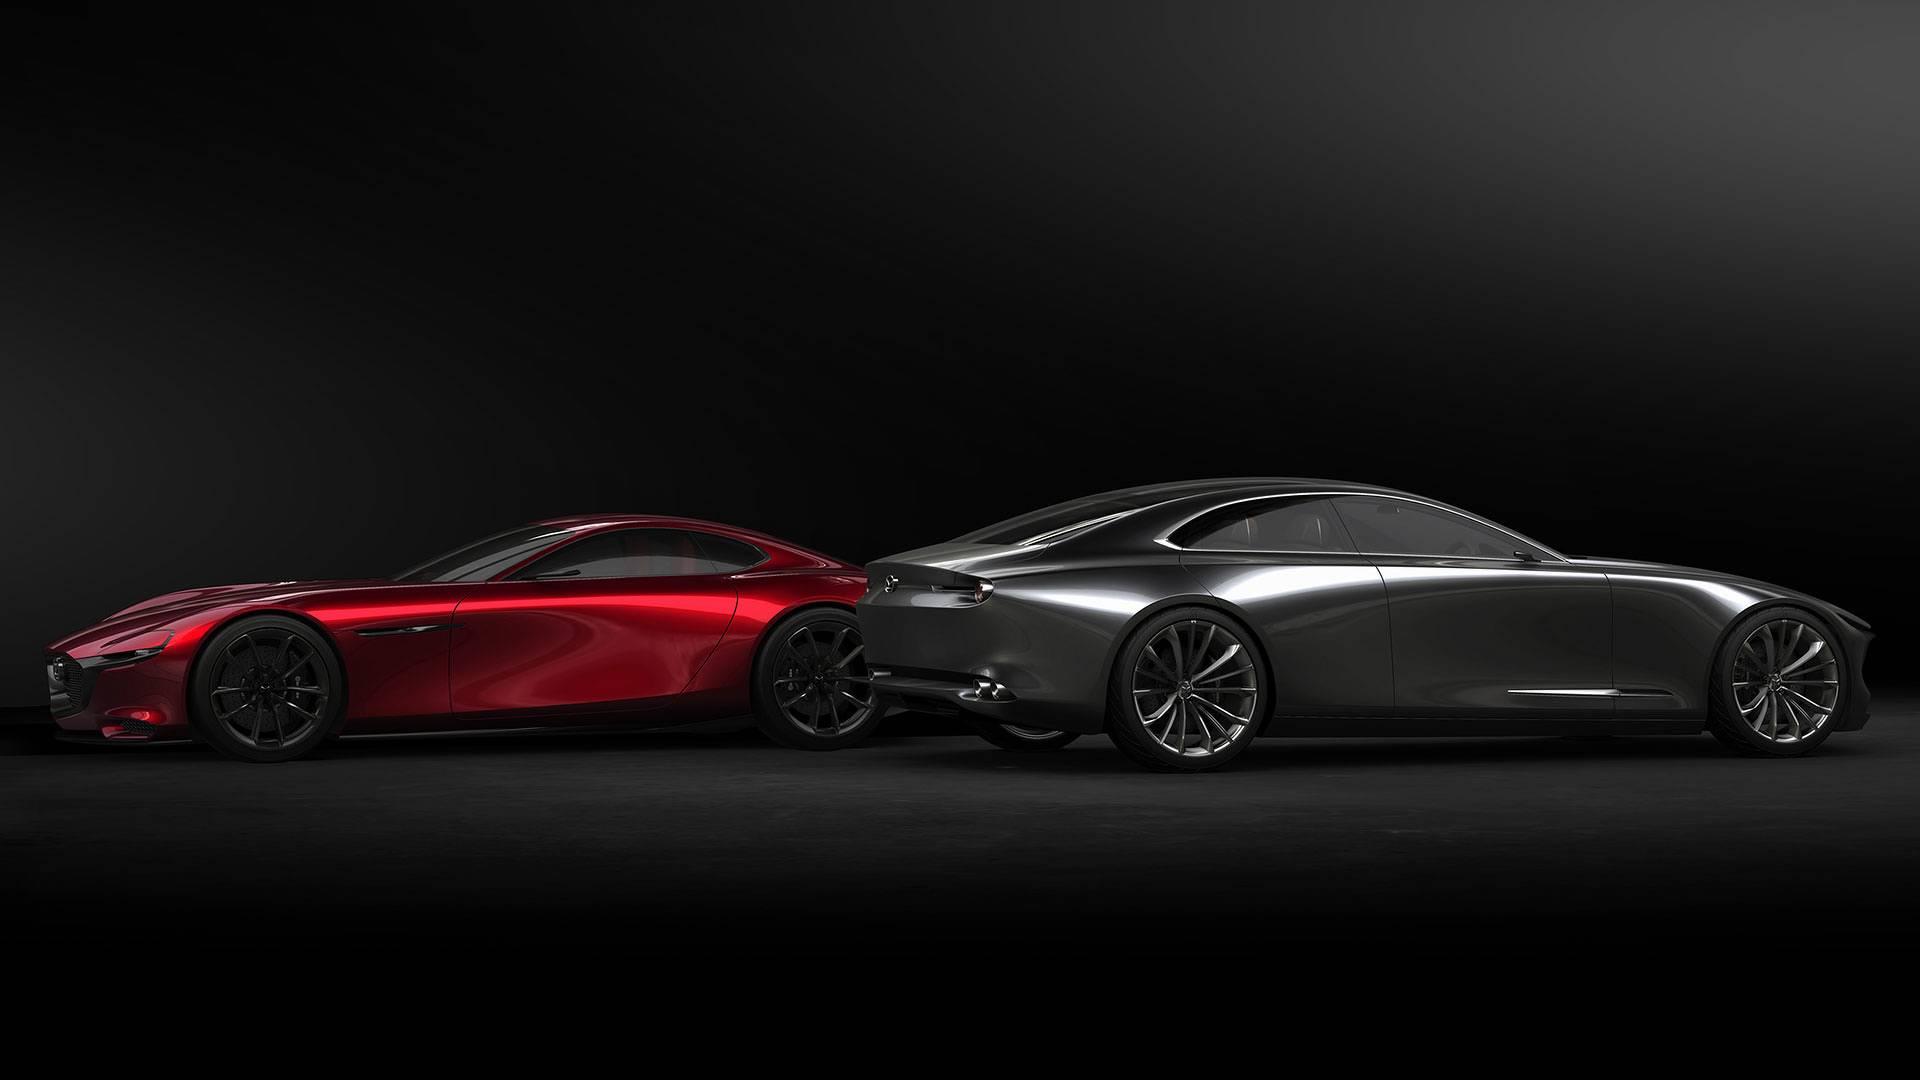 El nuevo Mazda RX-9 podría no ser rotativo: en su lugar, montaría un seis cilindros en línea